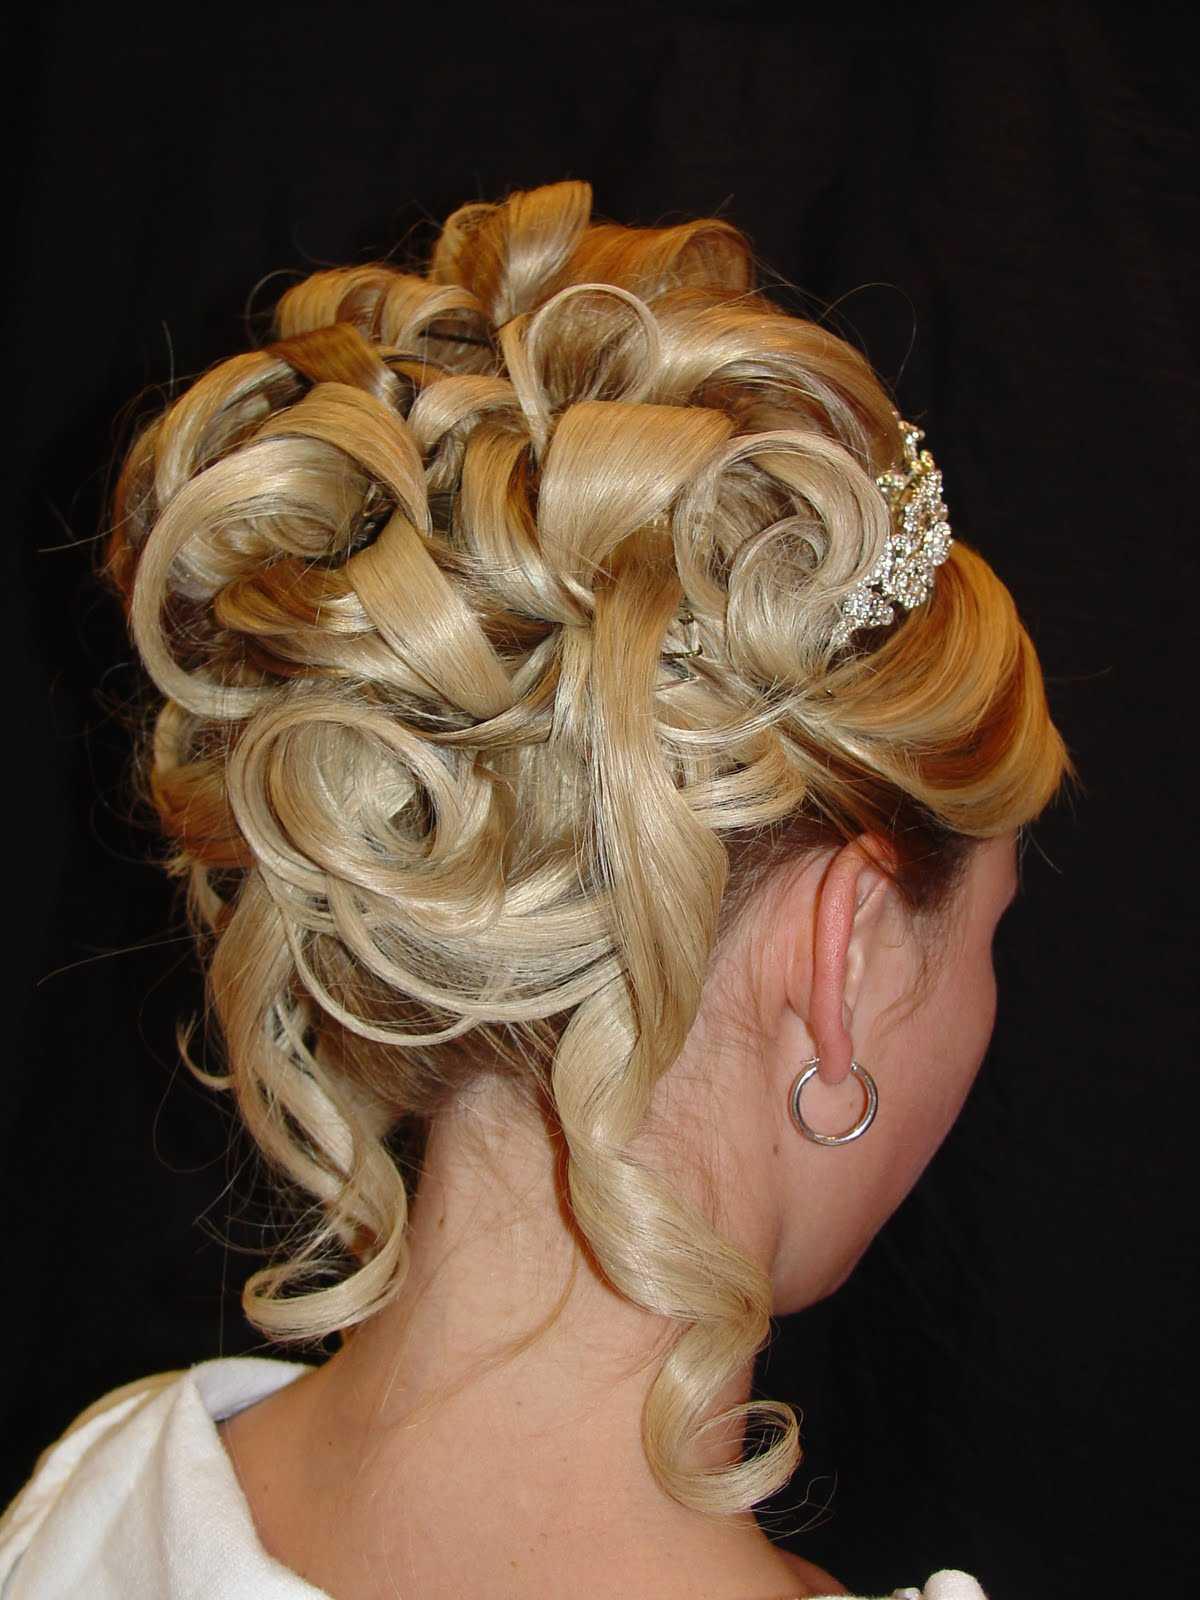 La dama de honor Updo peinados para el pelo largo